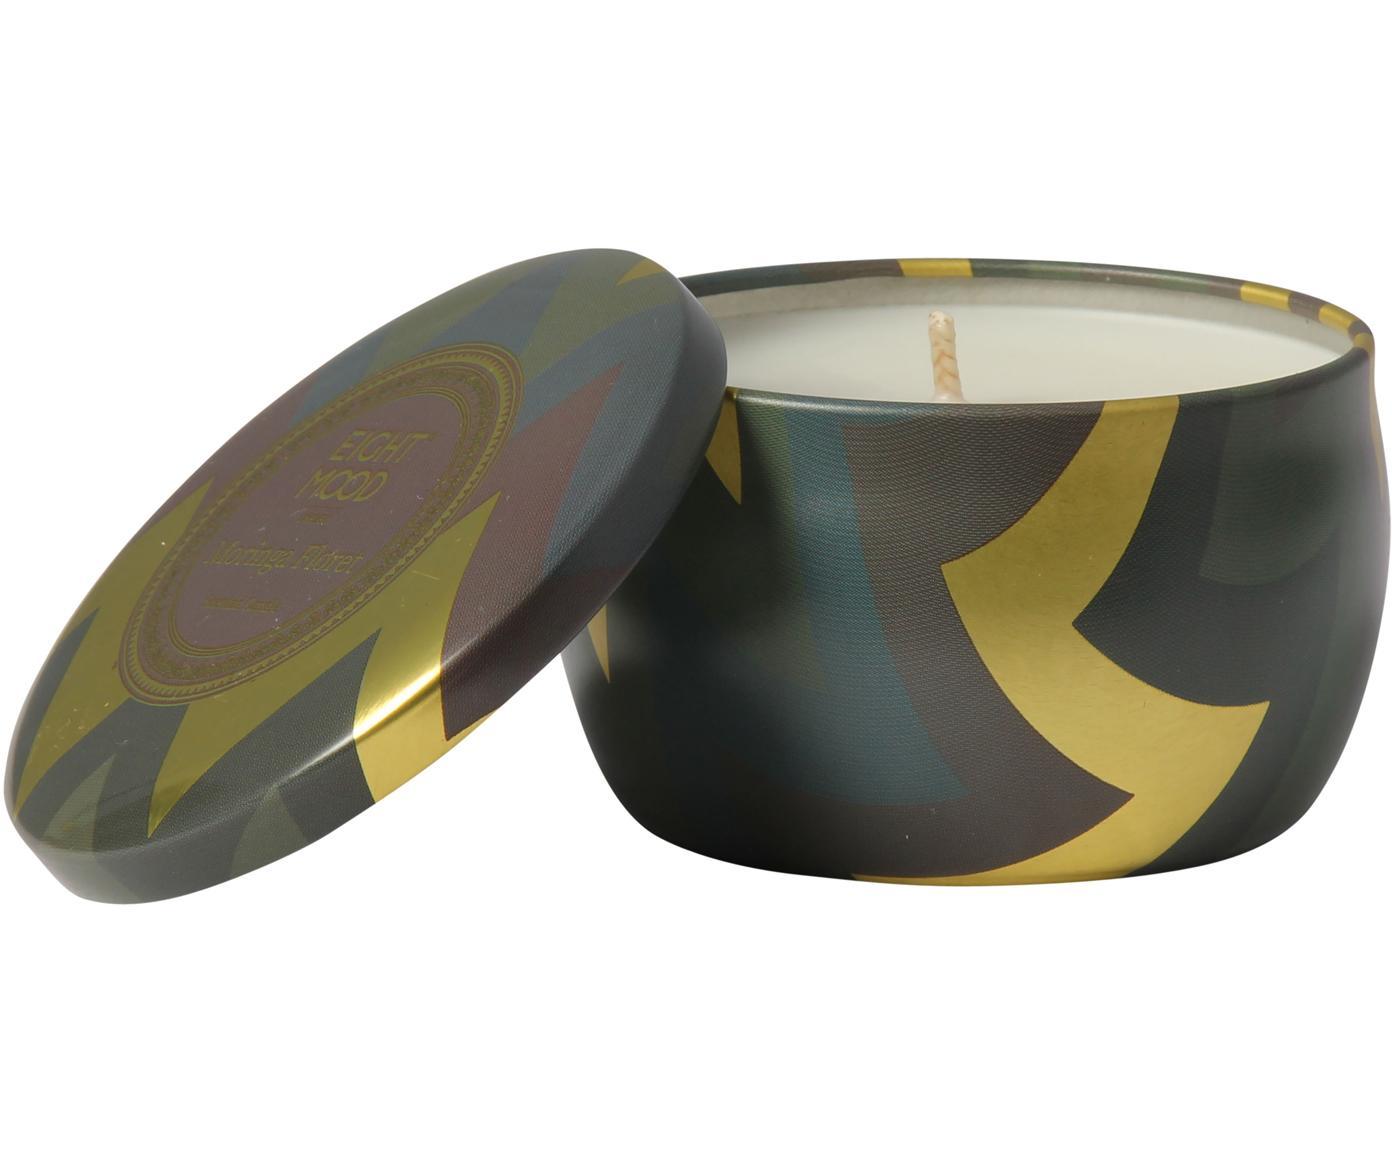 Świeca zapachowa Hanneke (brzoskwinia, bergamotka i melon), Odcienie złotego, brązowy, zielony, Ø 8 x W 5 cm